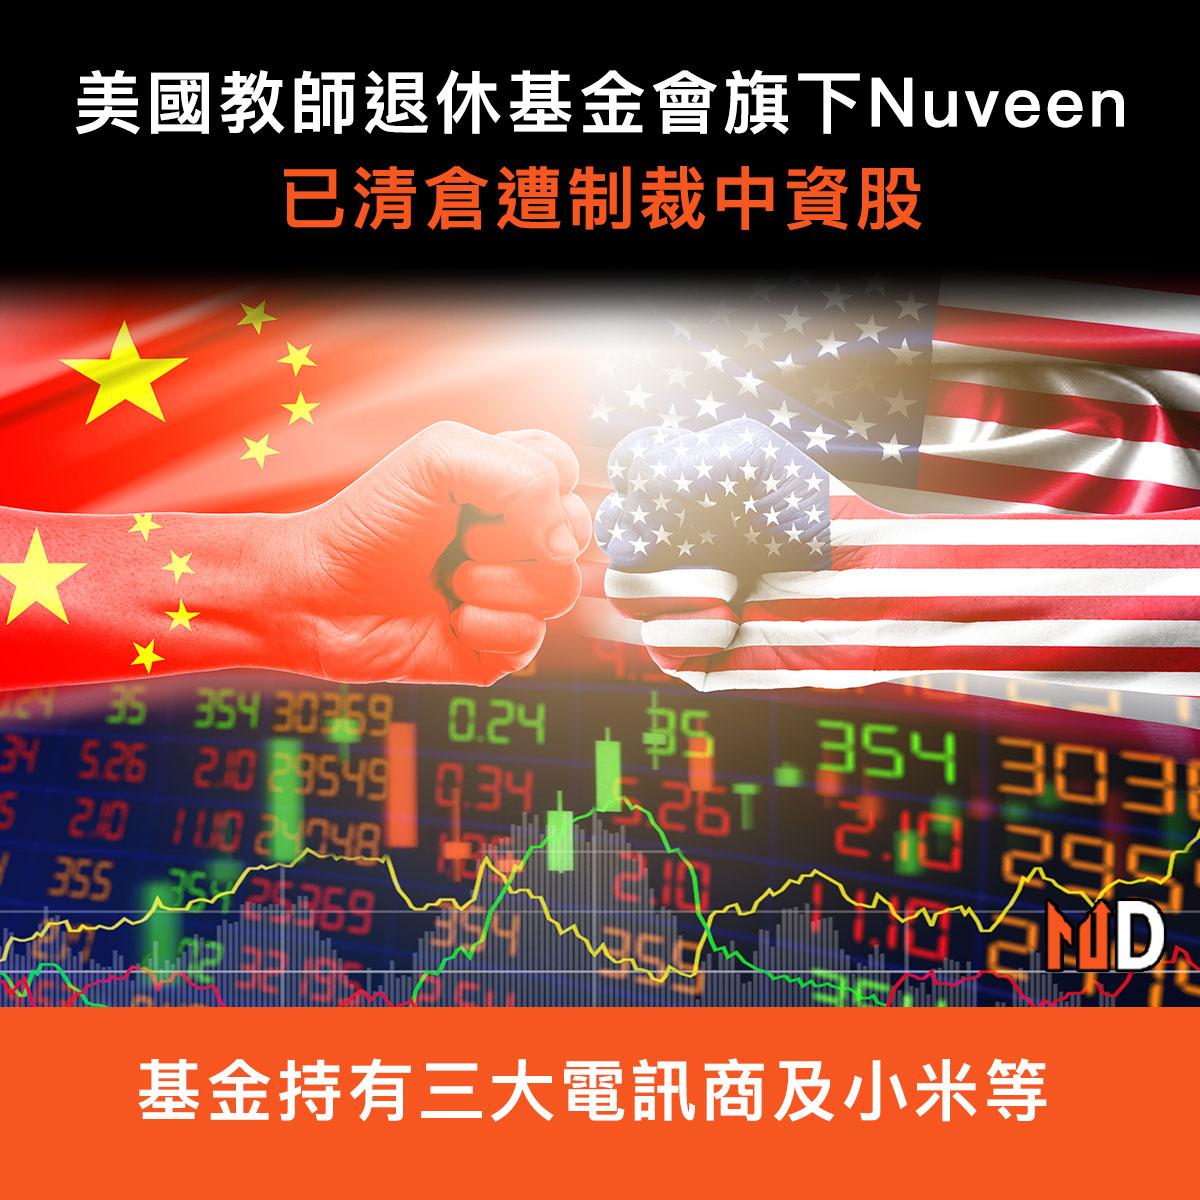 美國教師退休基金會旗下Nuveen已清倉遭制裁中資股